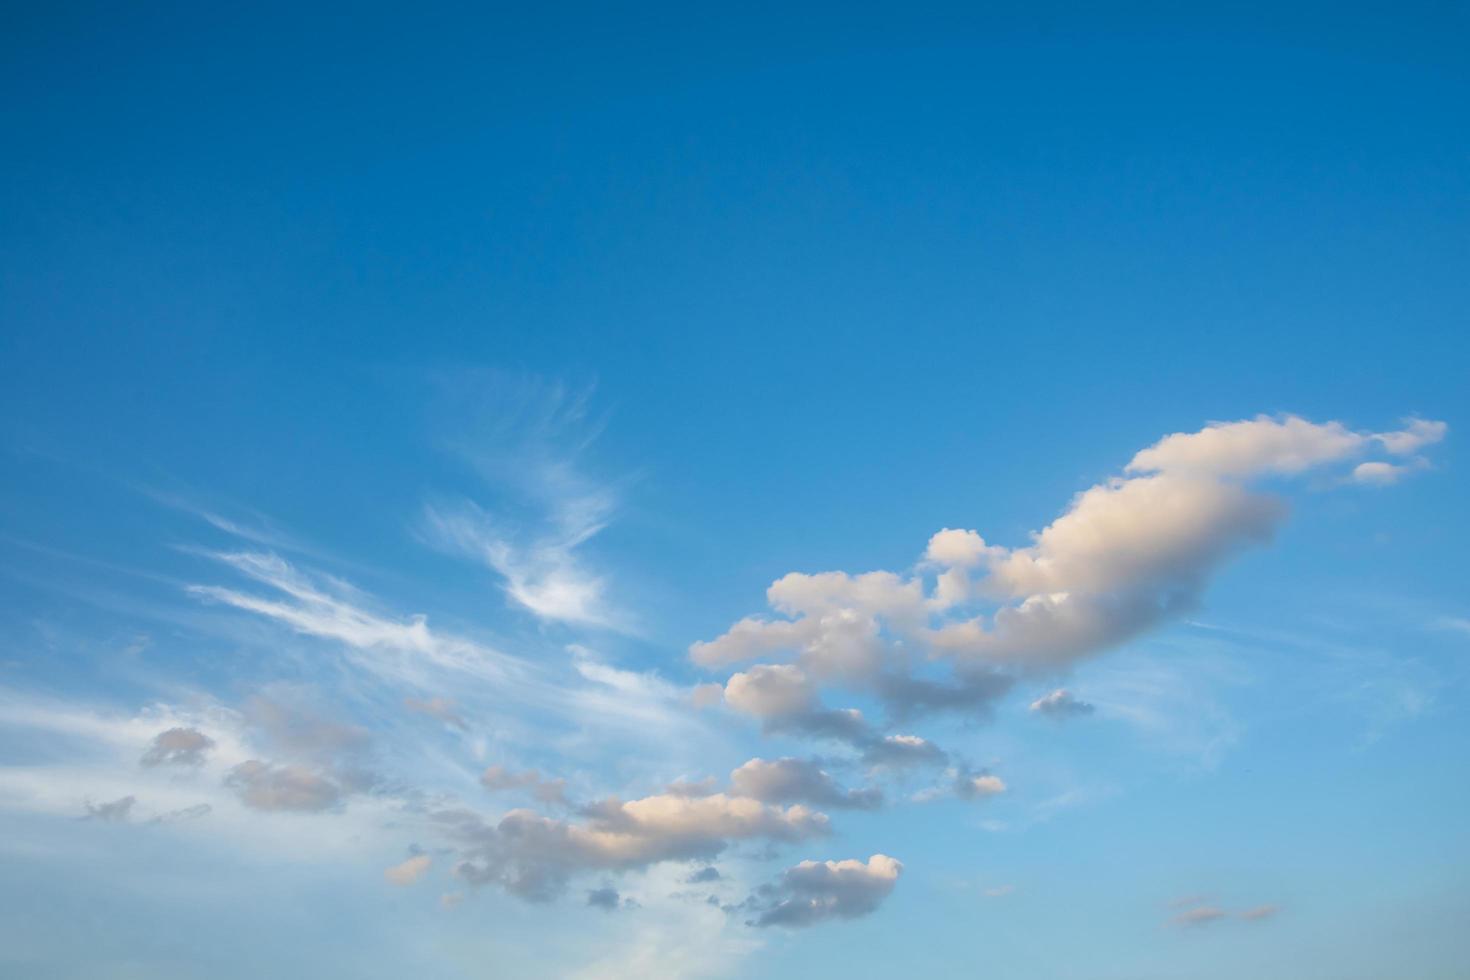 nuages dans un ciel bleu photo